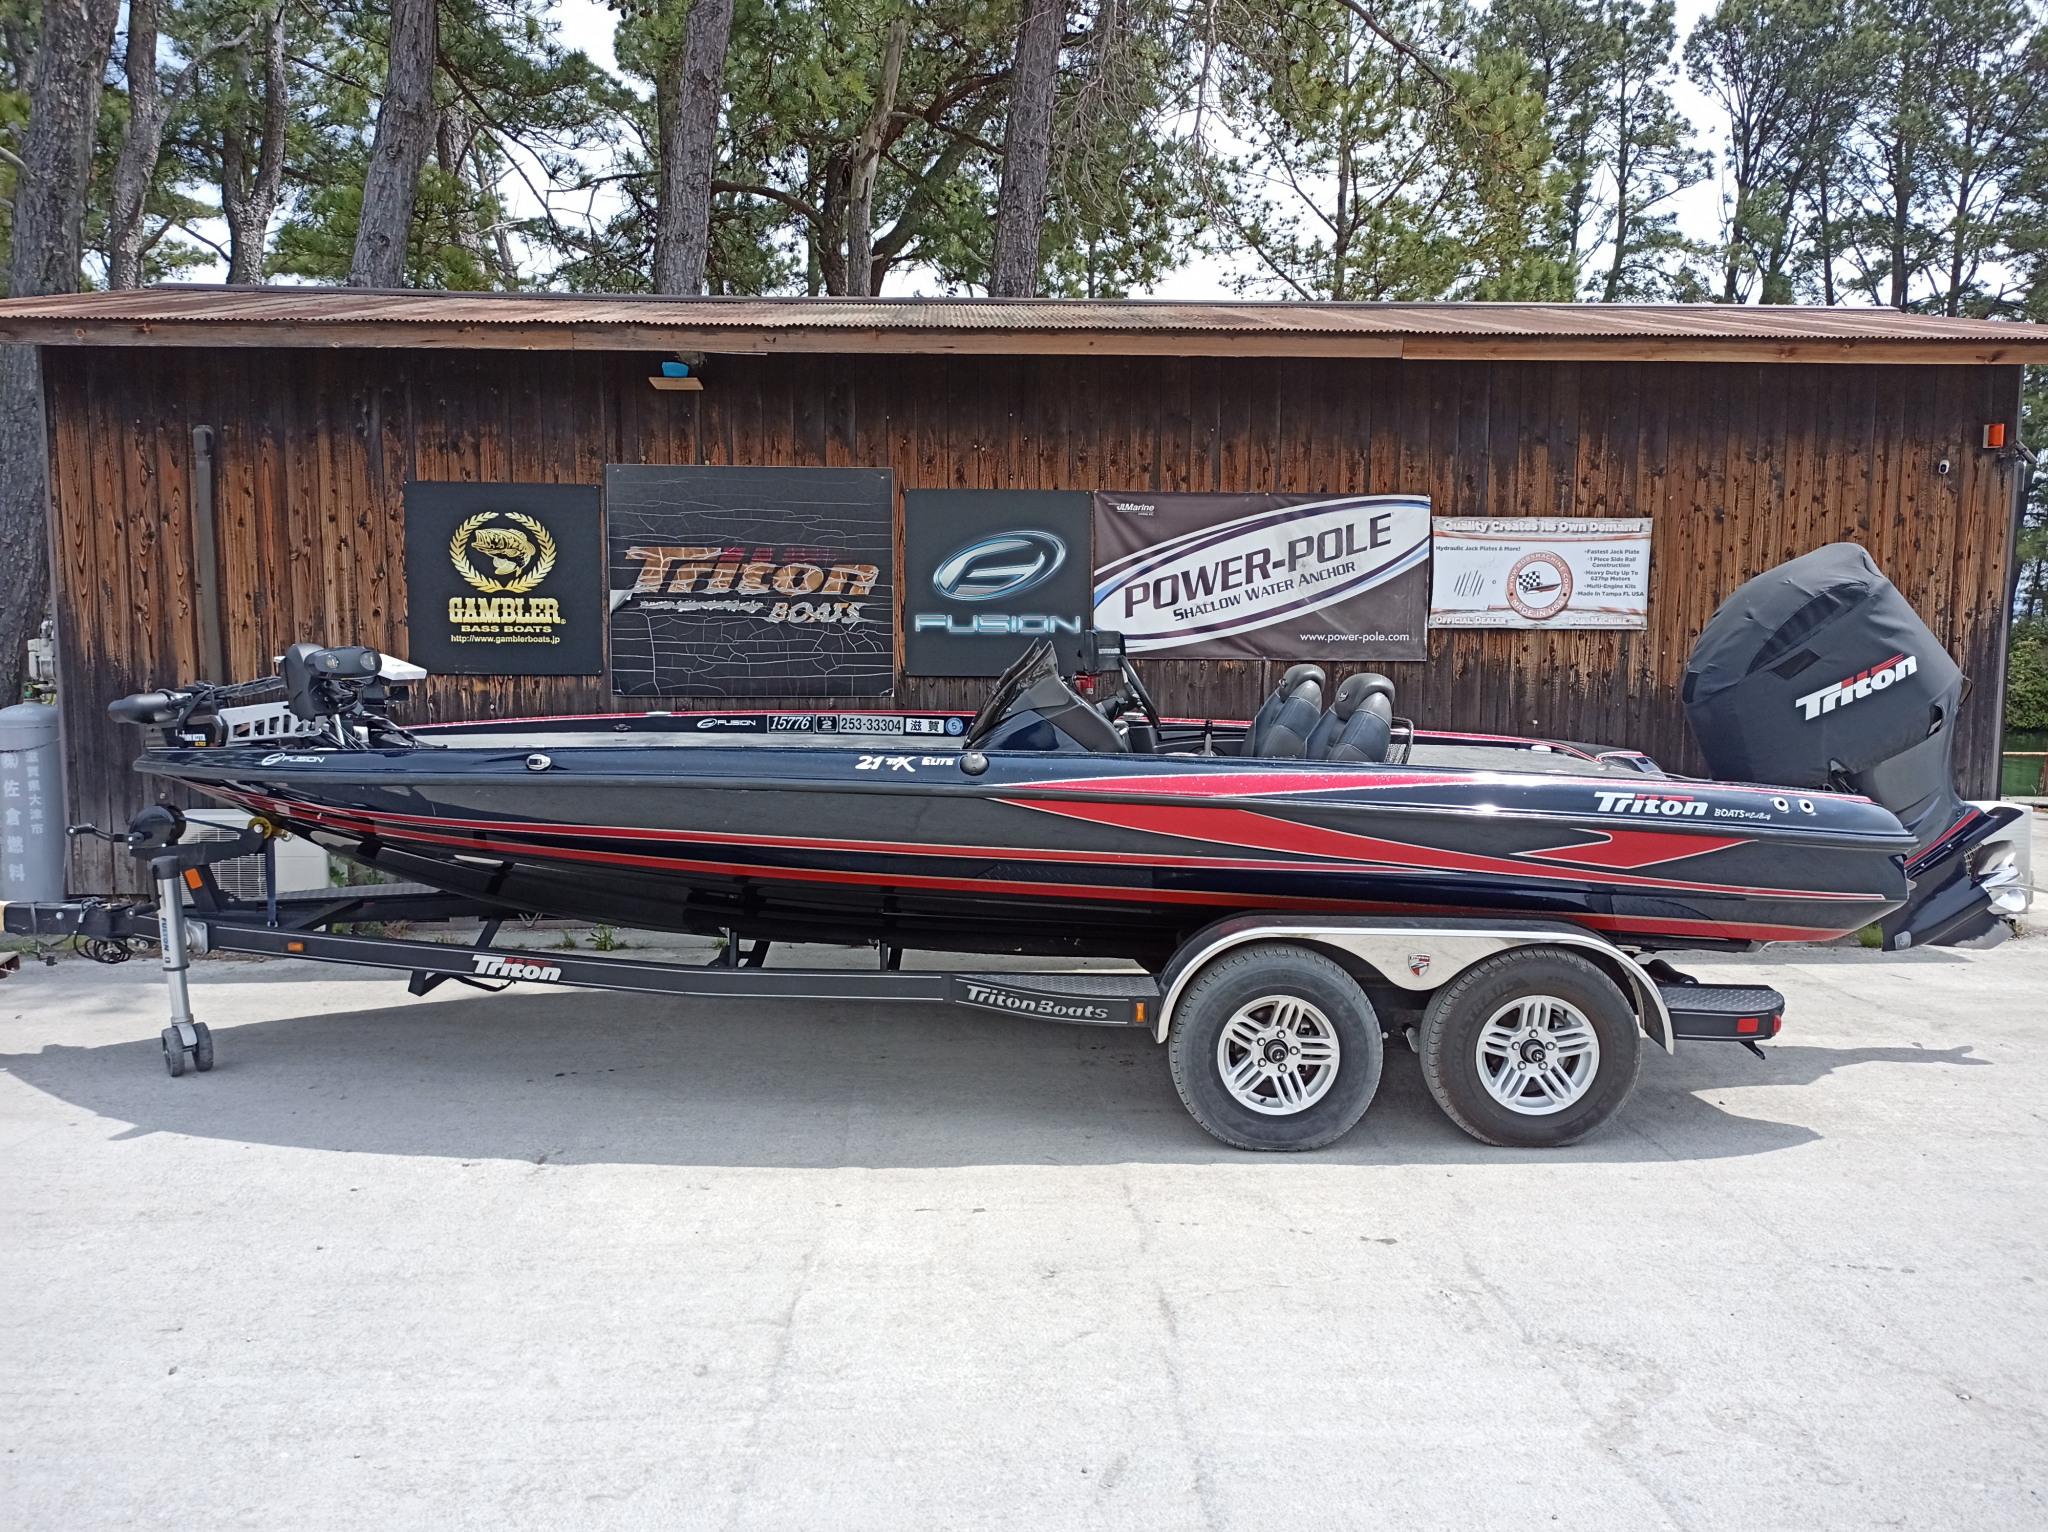 年末まで保管料サービス '14 Triton Boats 21TRX with SHO275